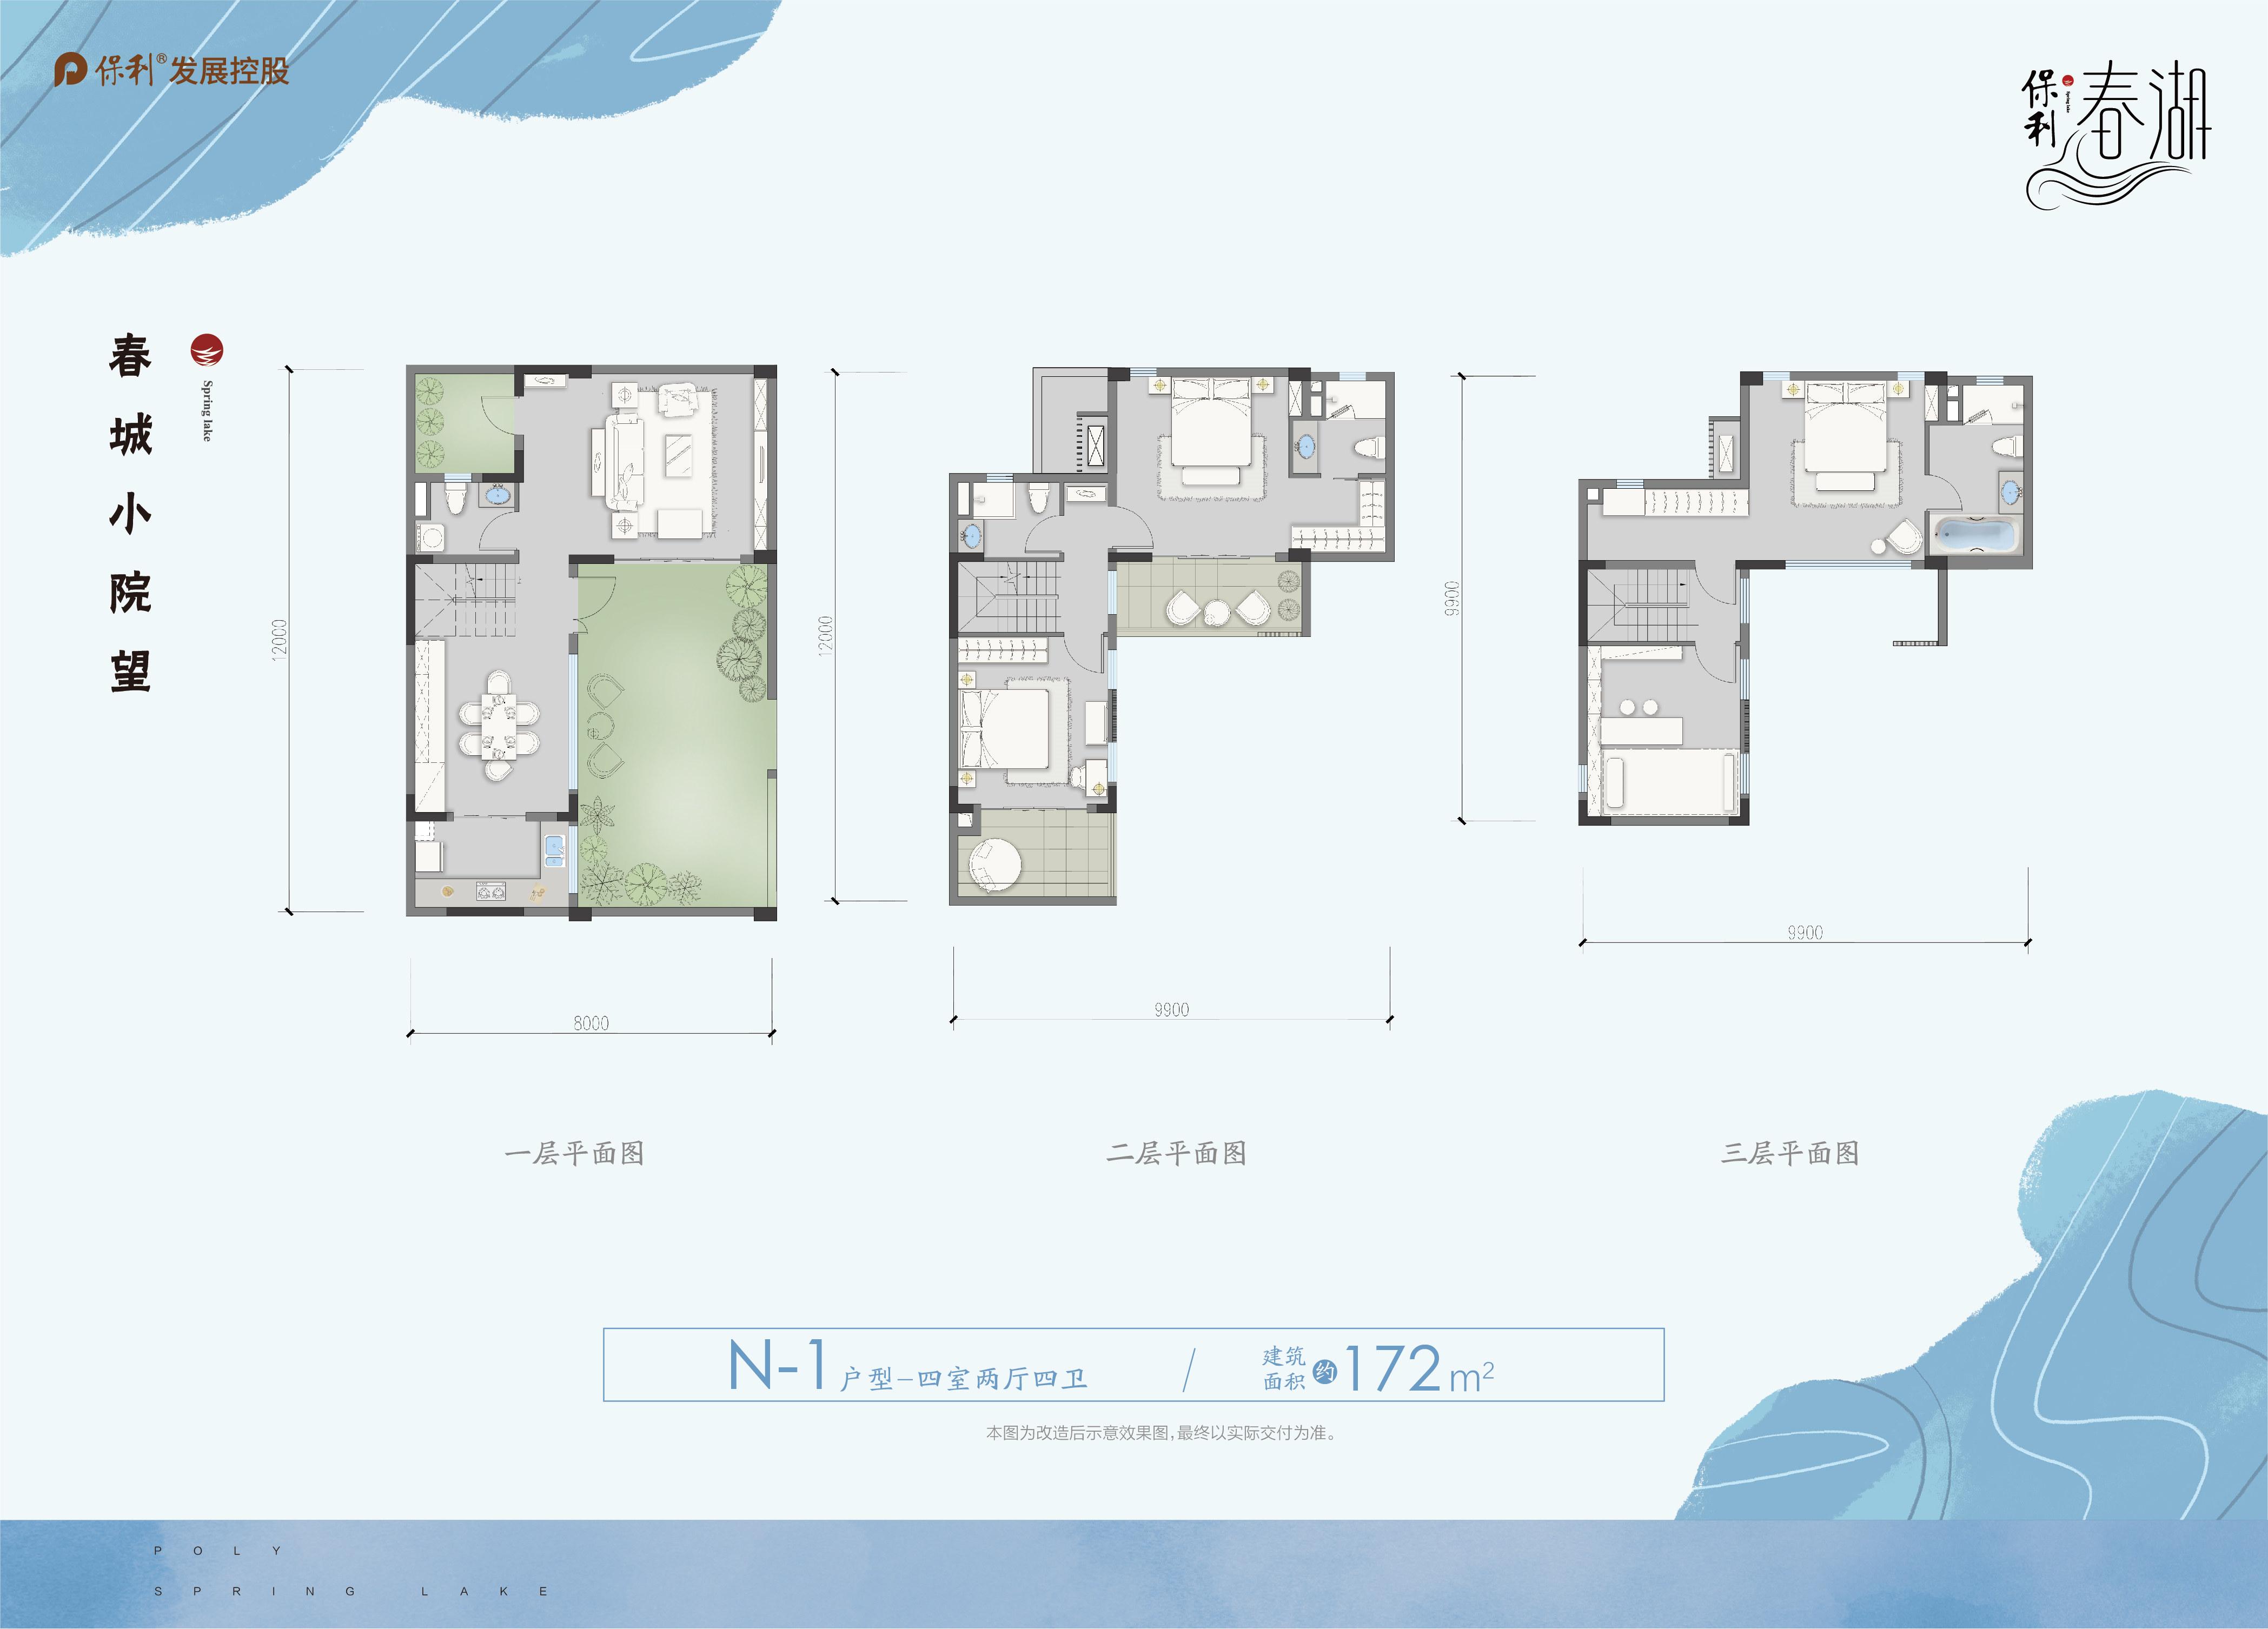 4室2厅4卫-春城小院望N-1户型,建面172㎡